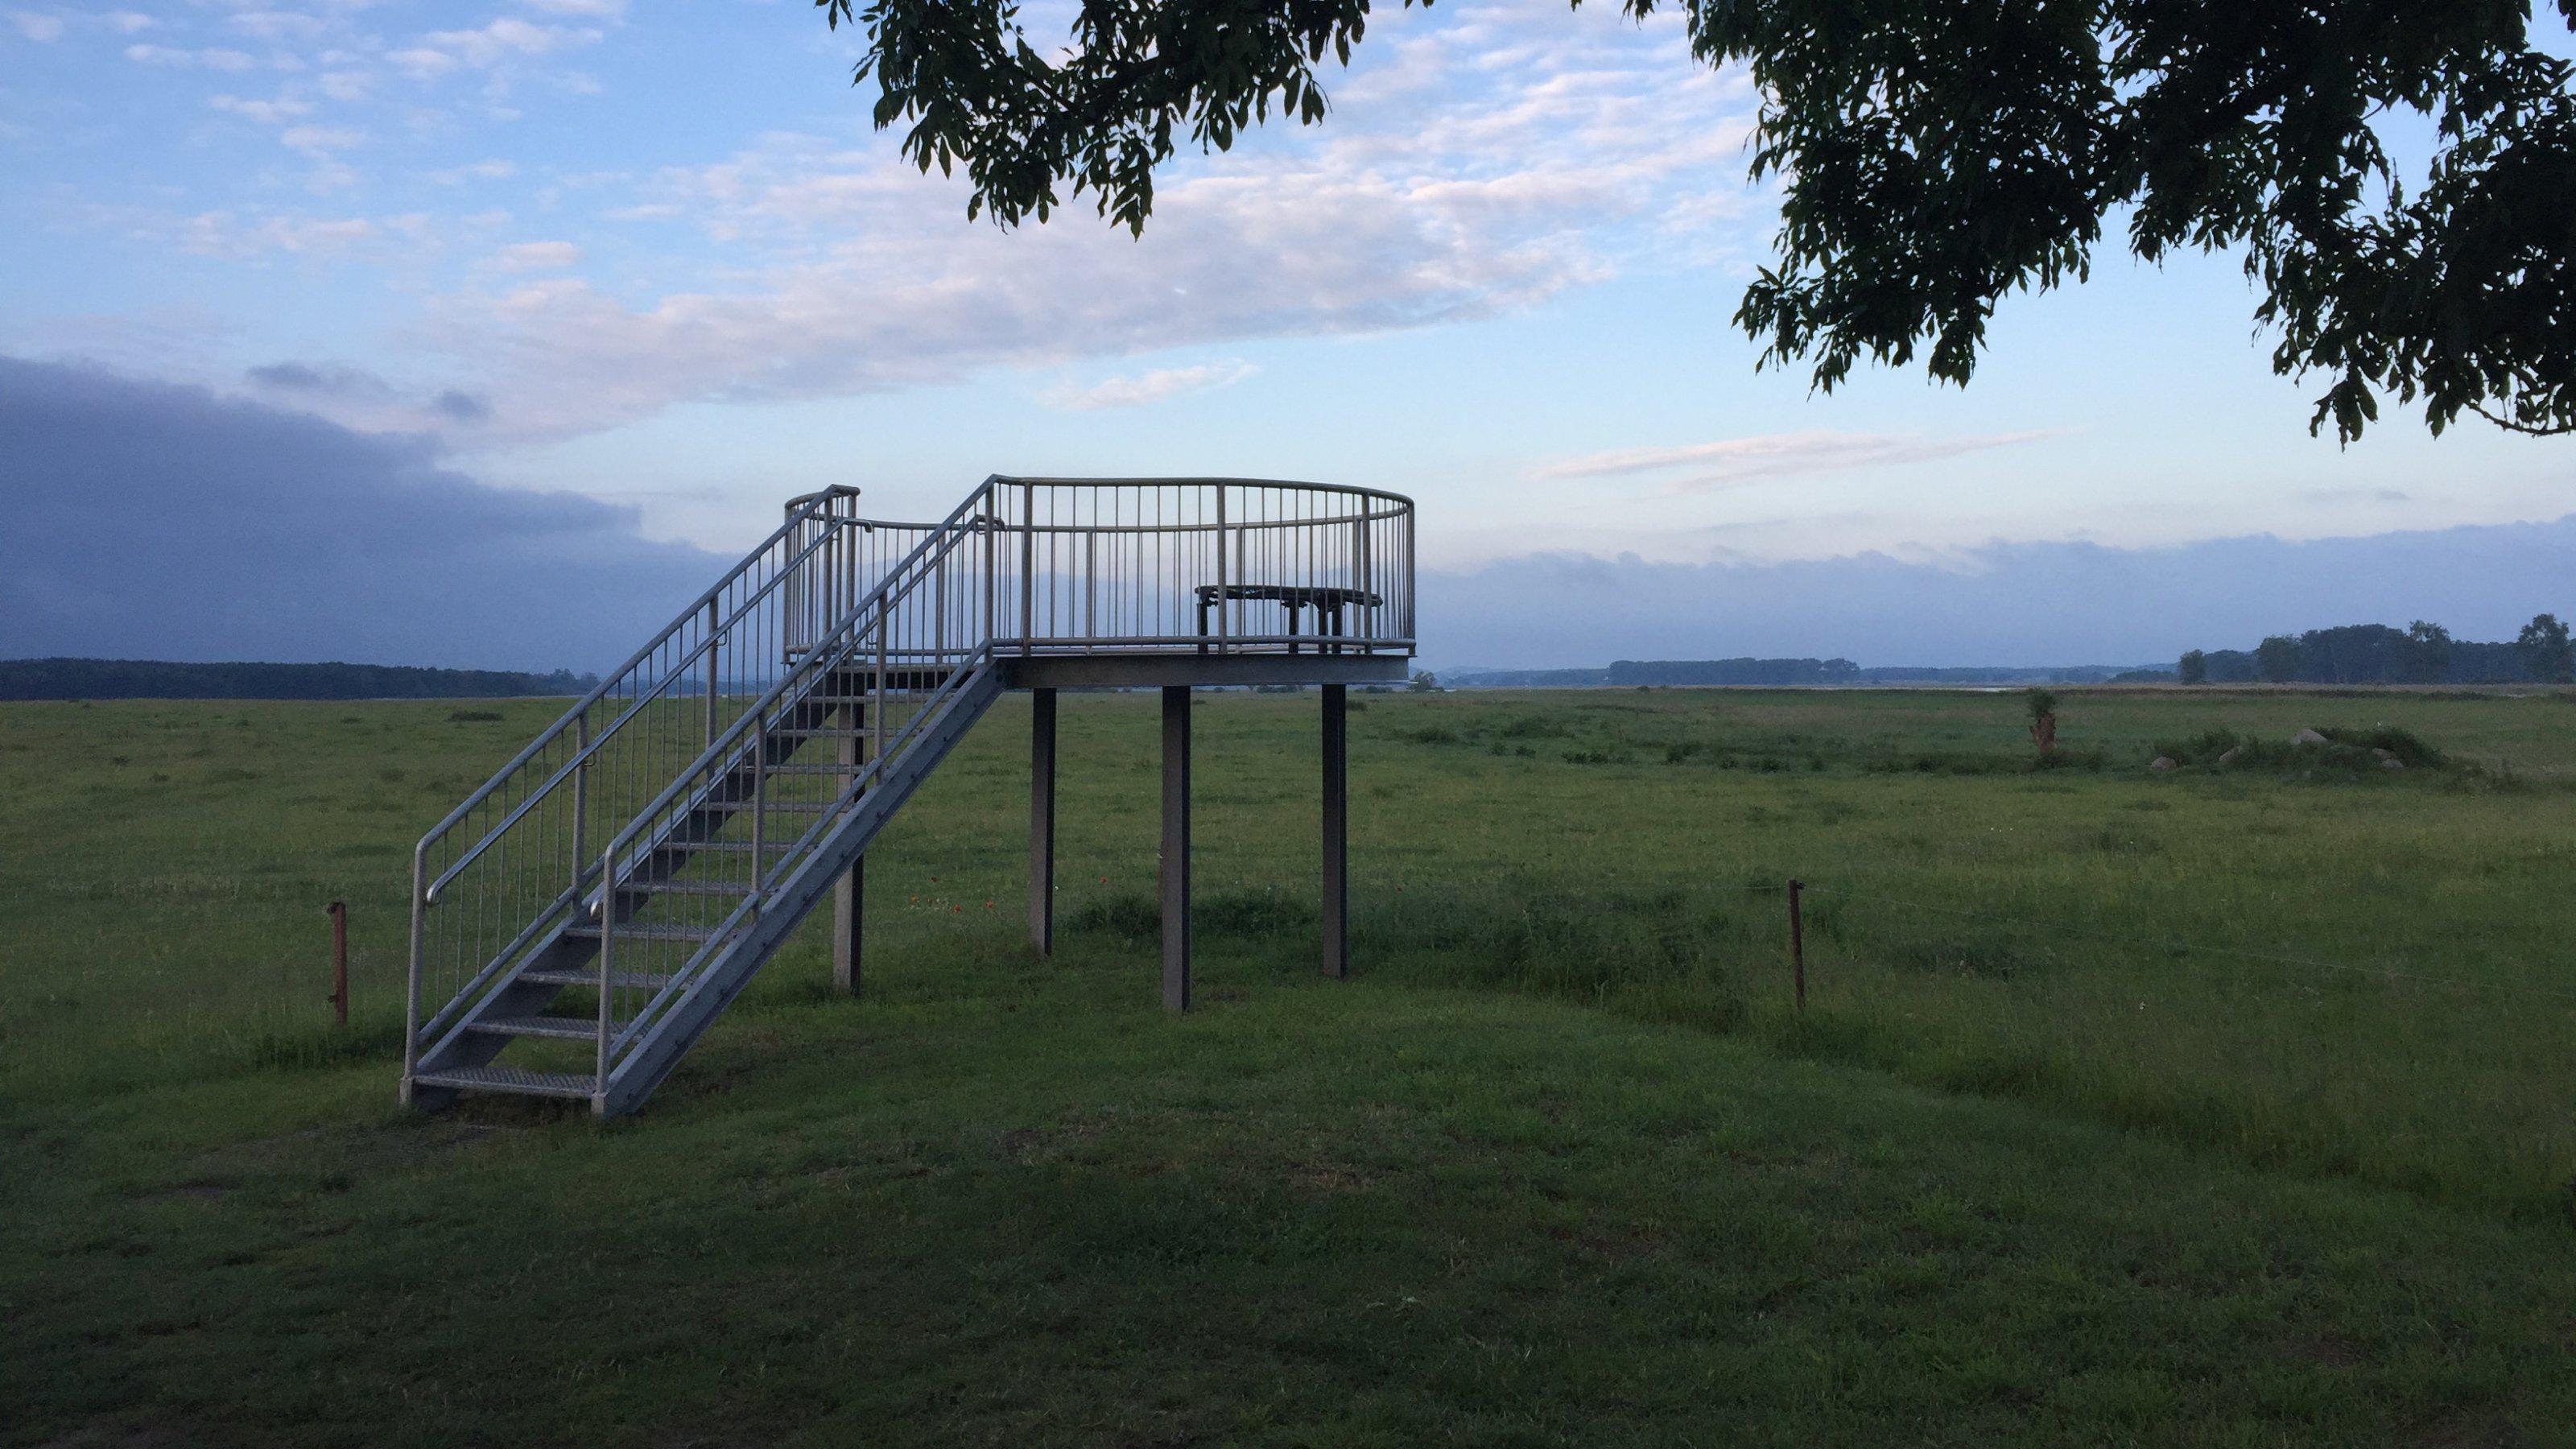 Eine kleine Aussichtsplattform steht an einem großen freien Feld.